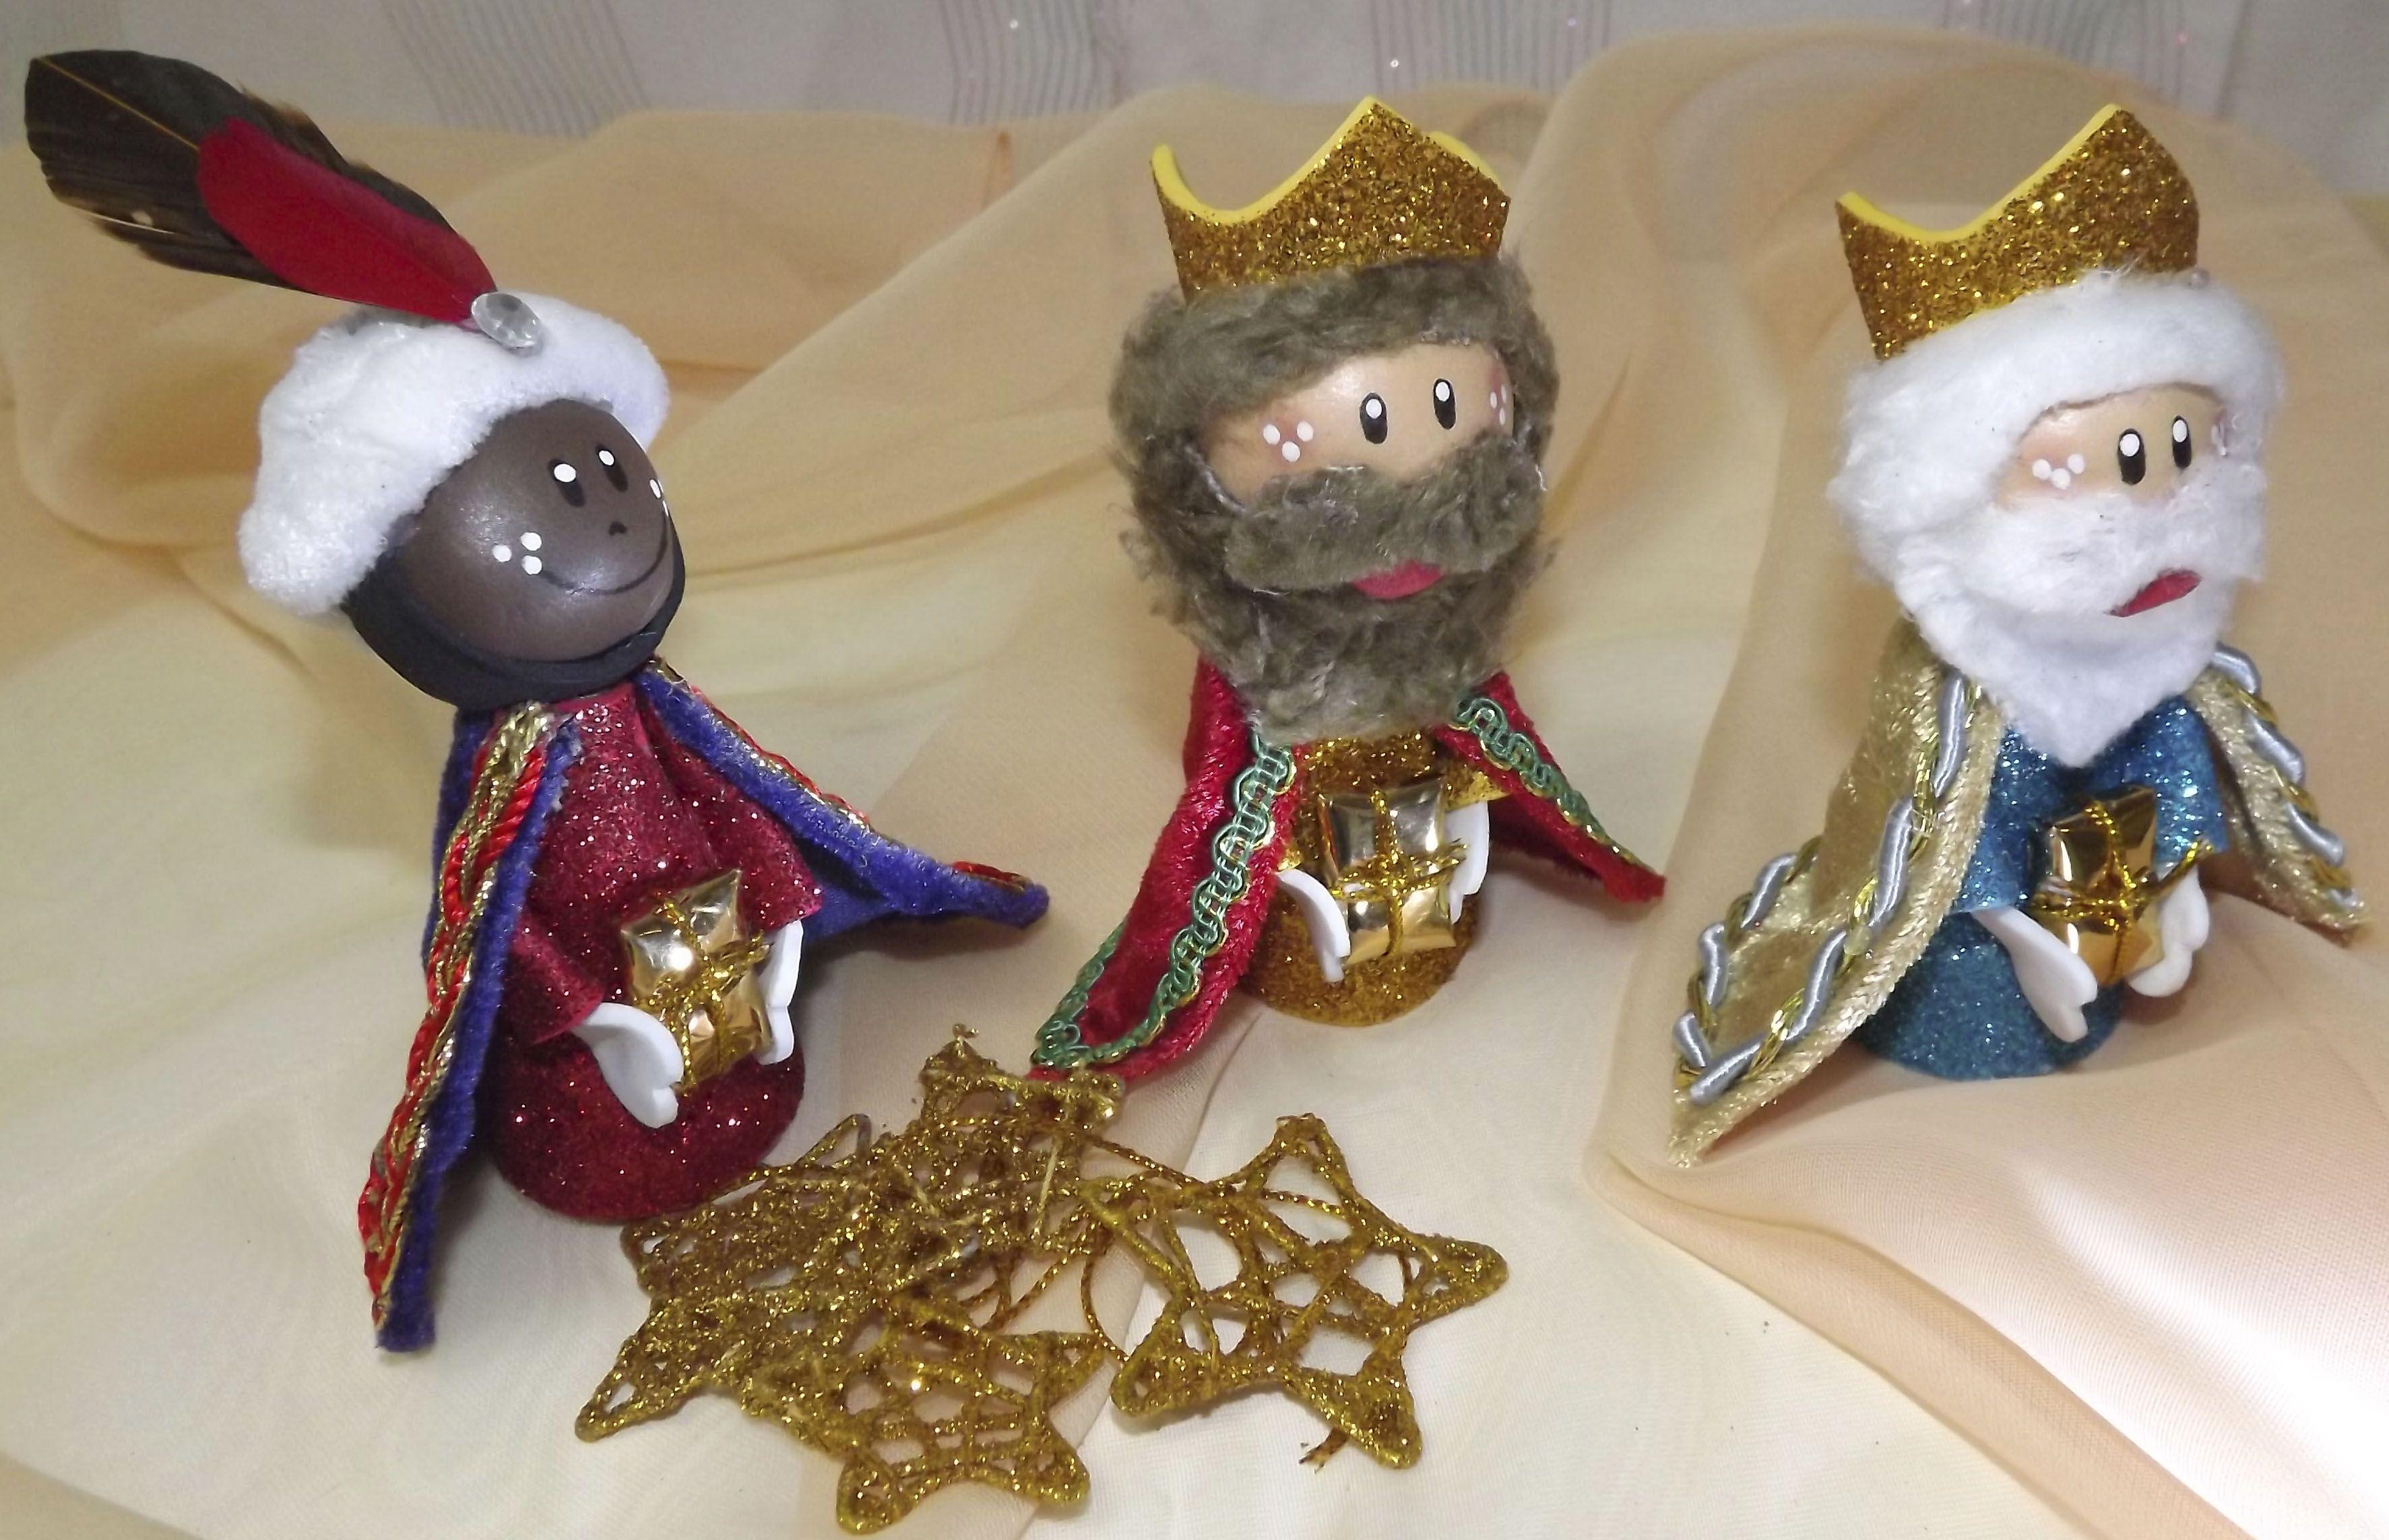 Los Tres Reyes Magos Hechos A Mano Con Goma Eva Precioso Regalo Para Los Niños Que Les Encantará Jugar Con Ellos Descúbr Atividades Bíblicas Infantil Infantil